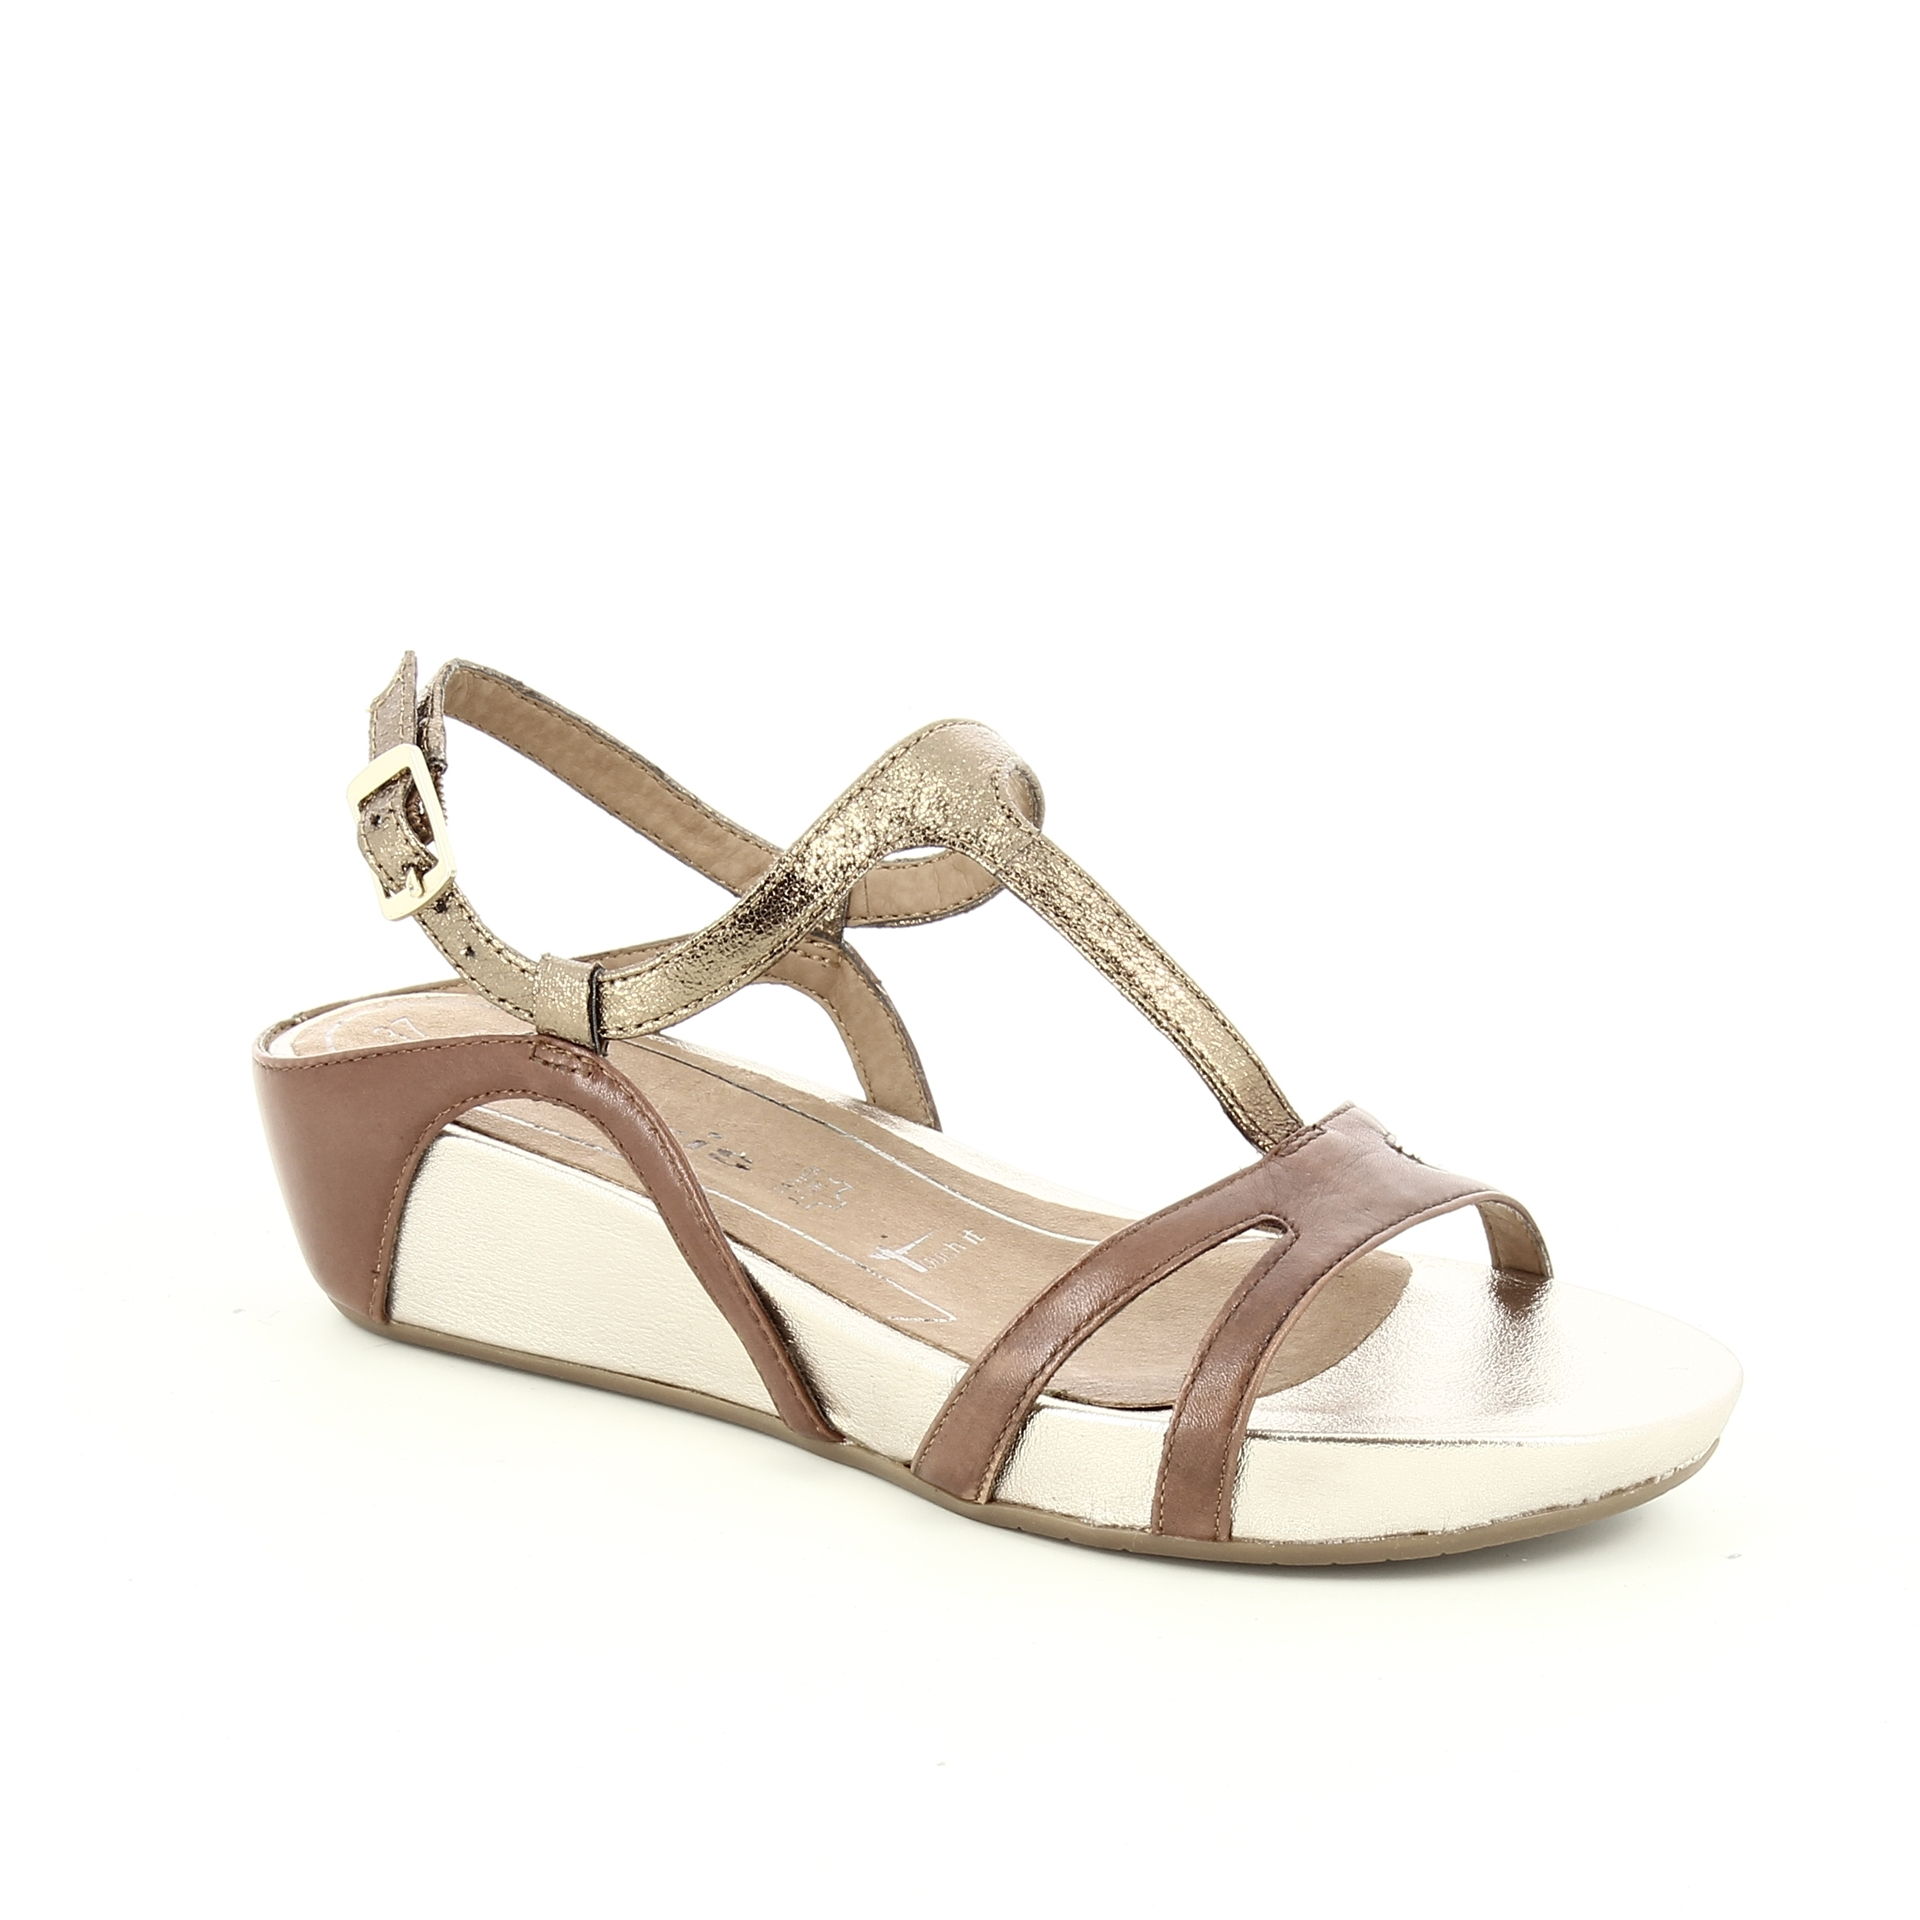 Bercolini Kényelmes cipők Tamaris, női, szandál, bőr textil